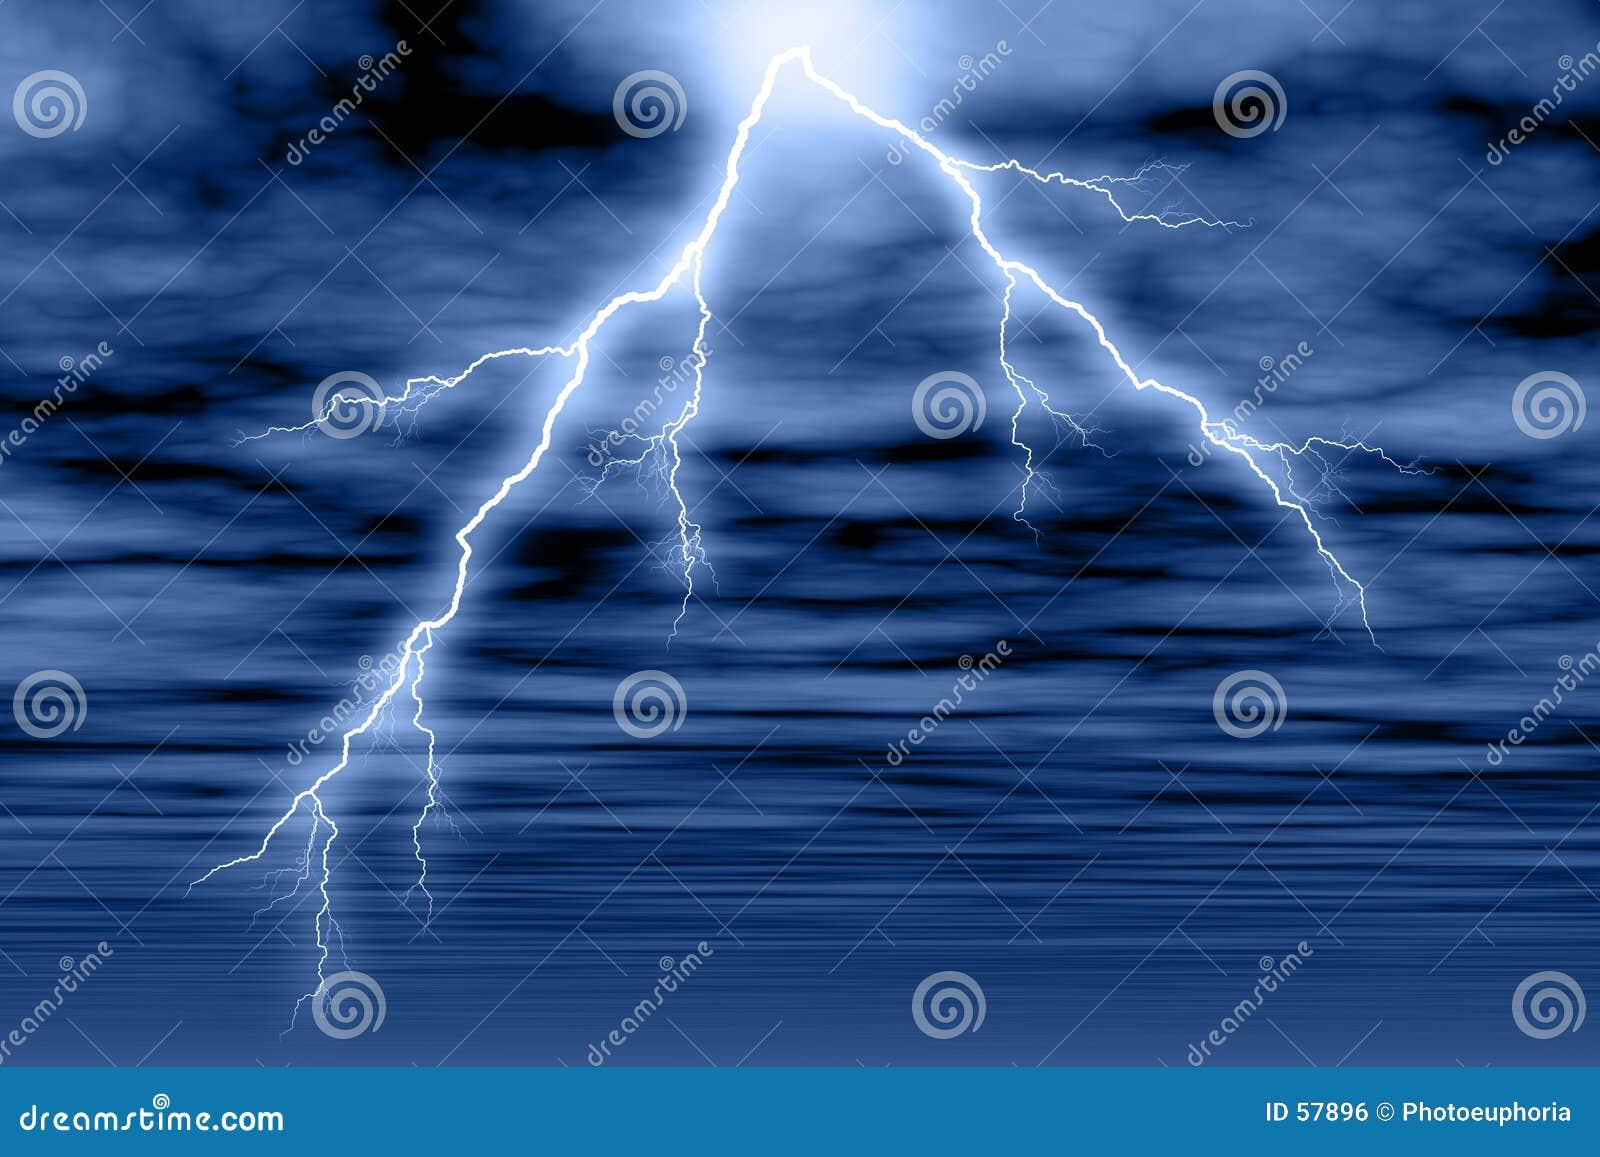 Obłoczna burza elektryczna